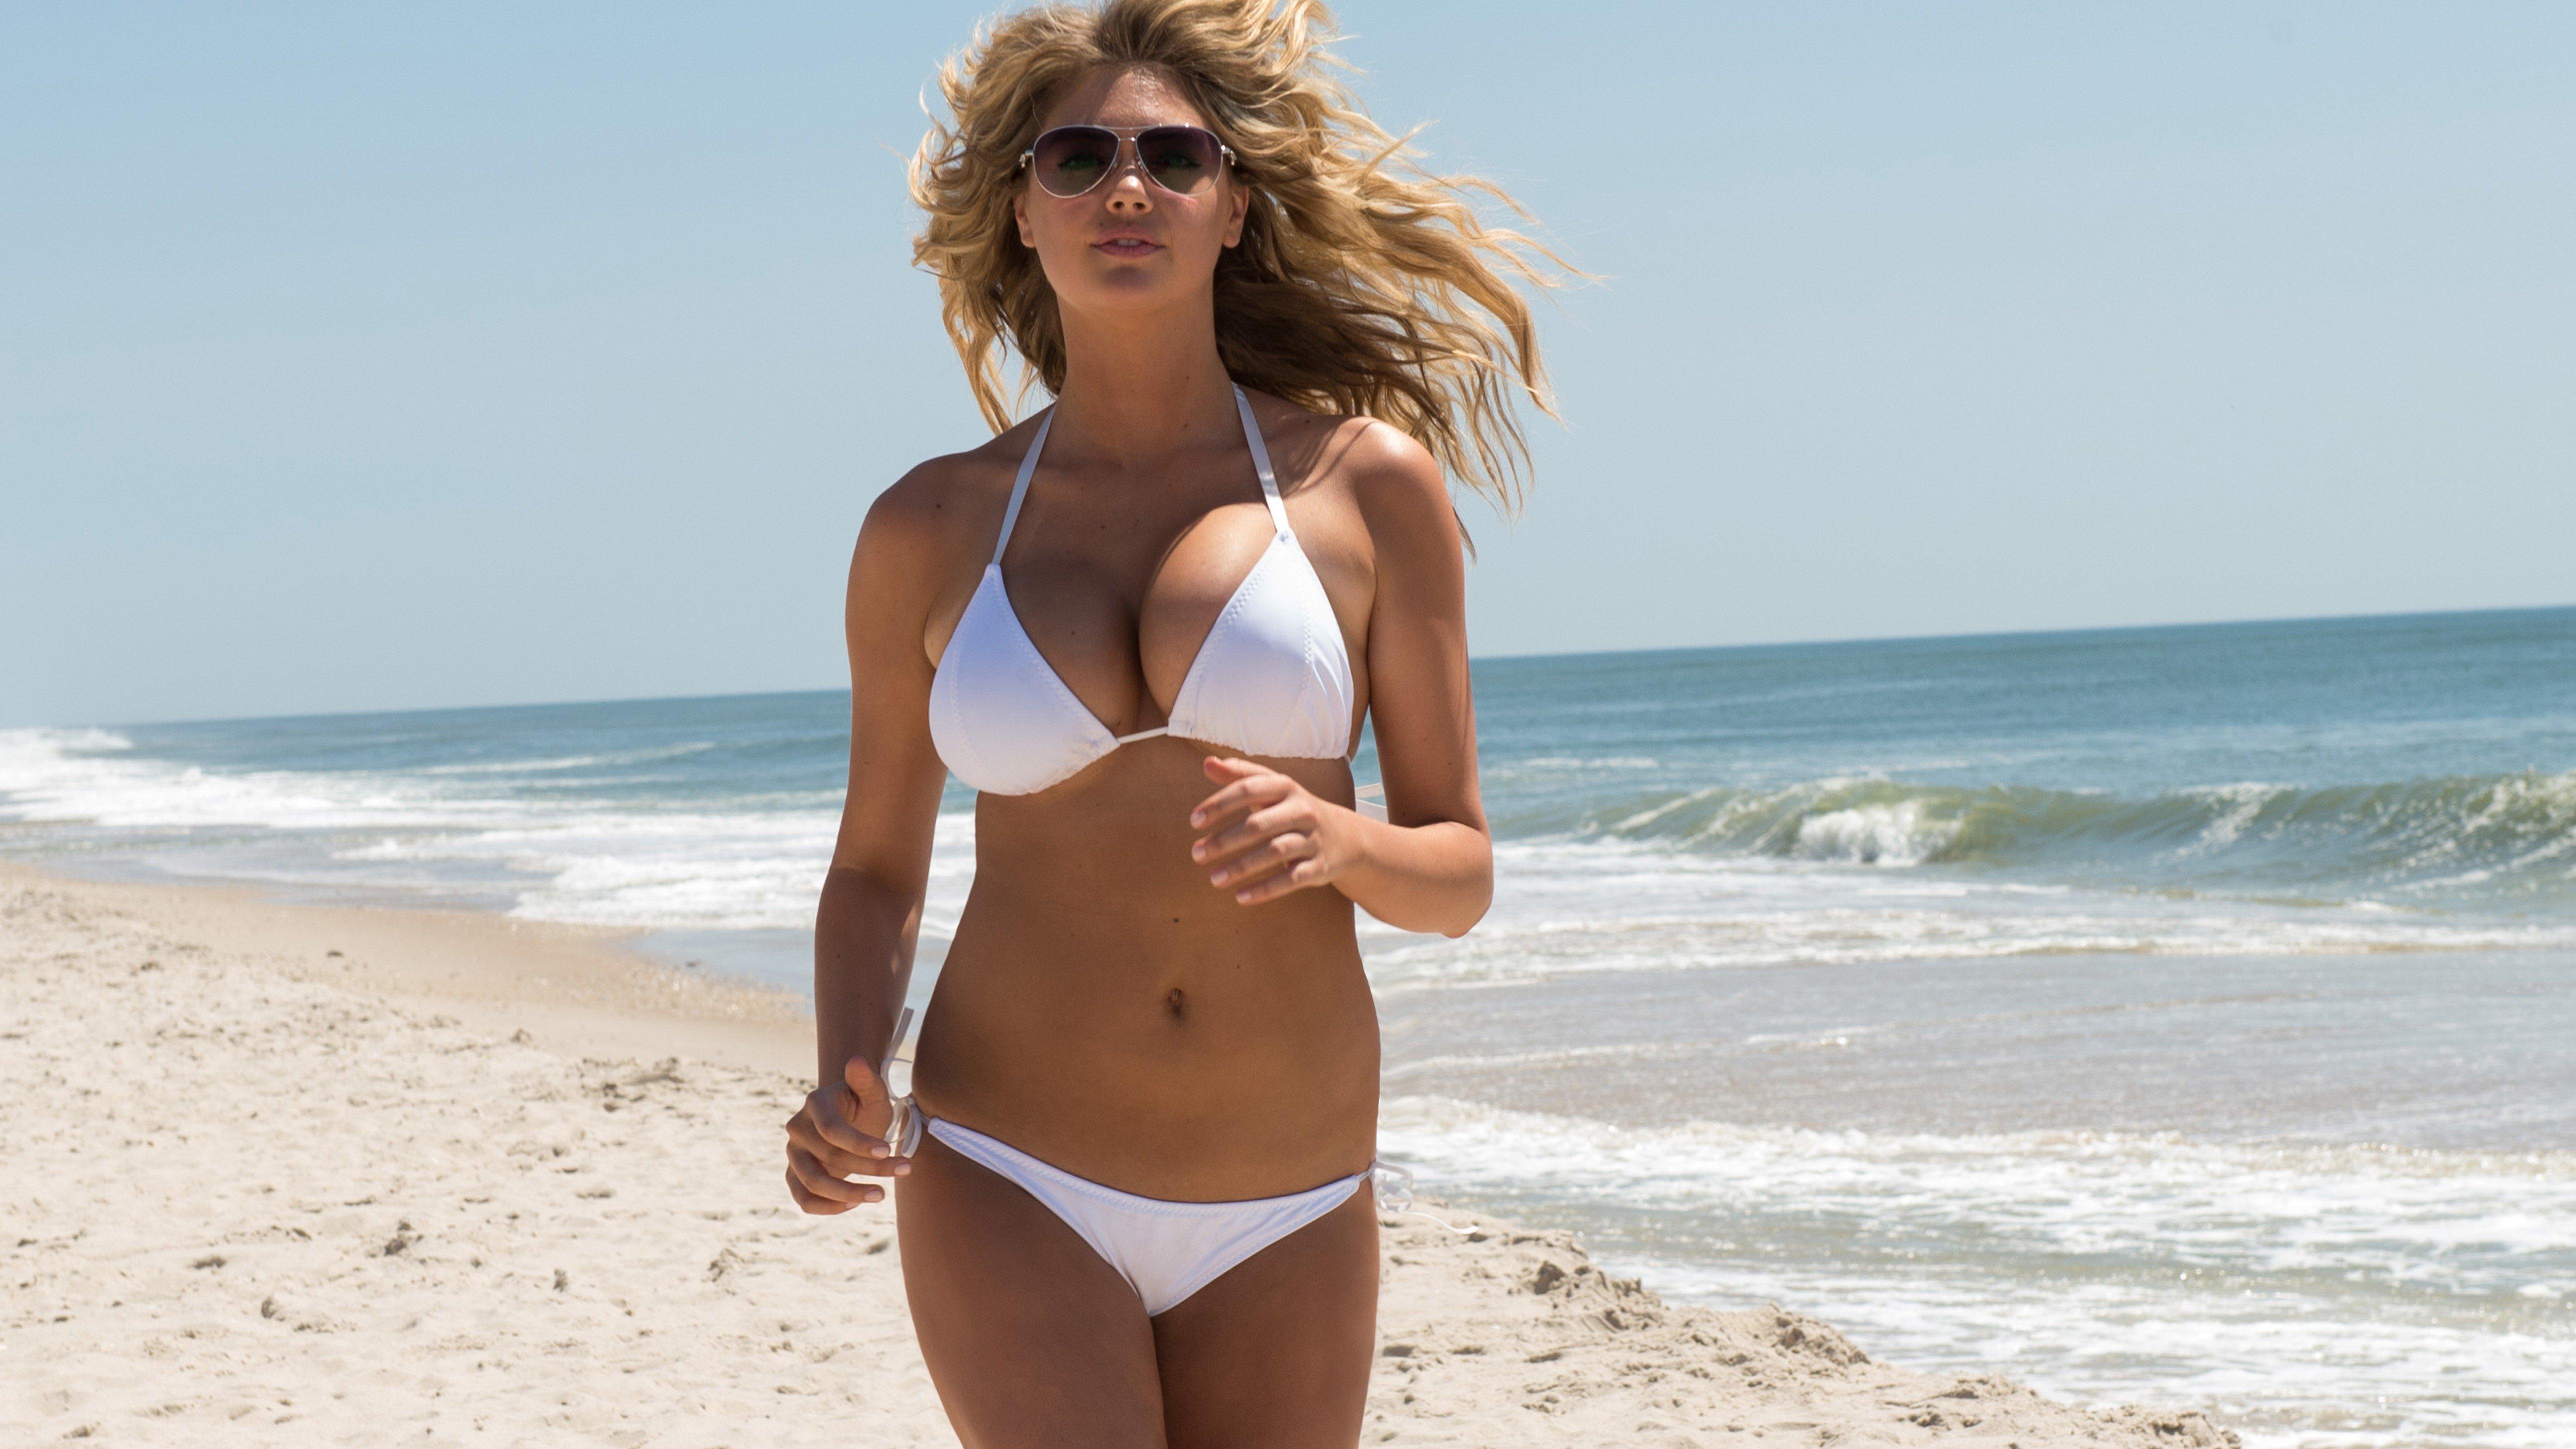 Смотреть девочек на пляже онлайн 16 фотография